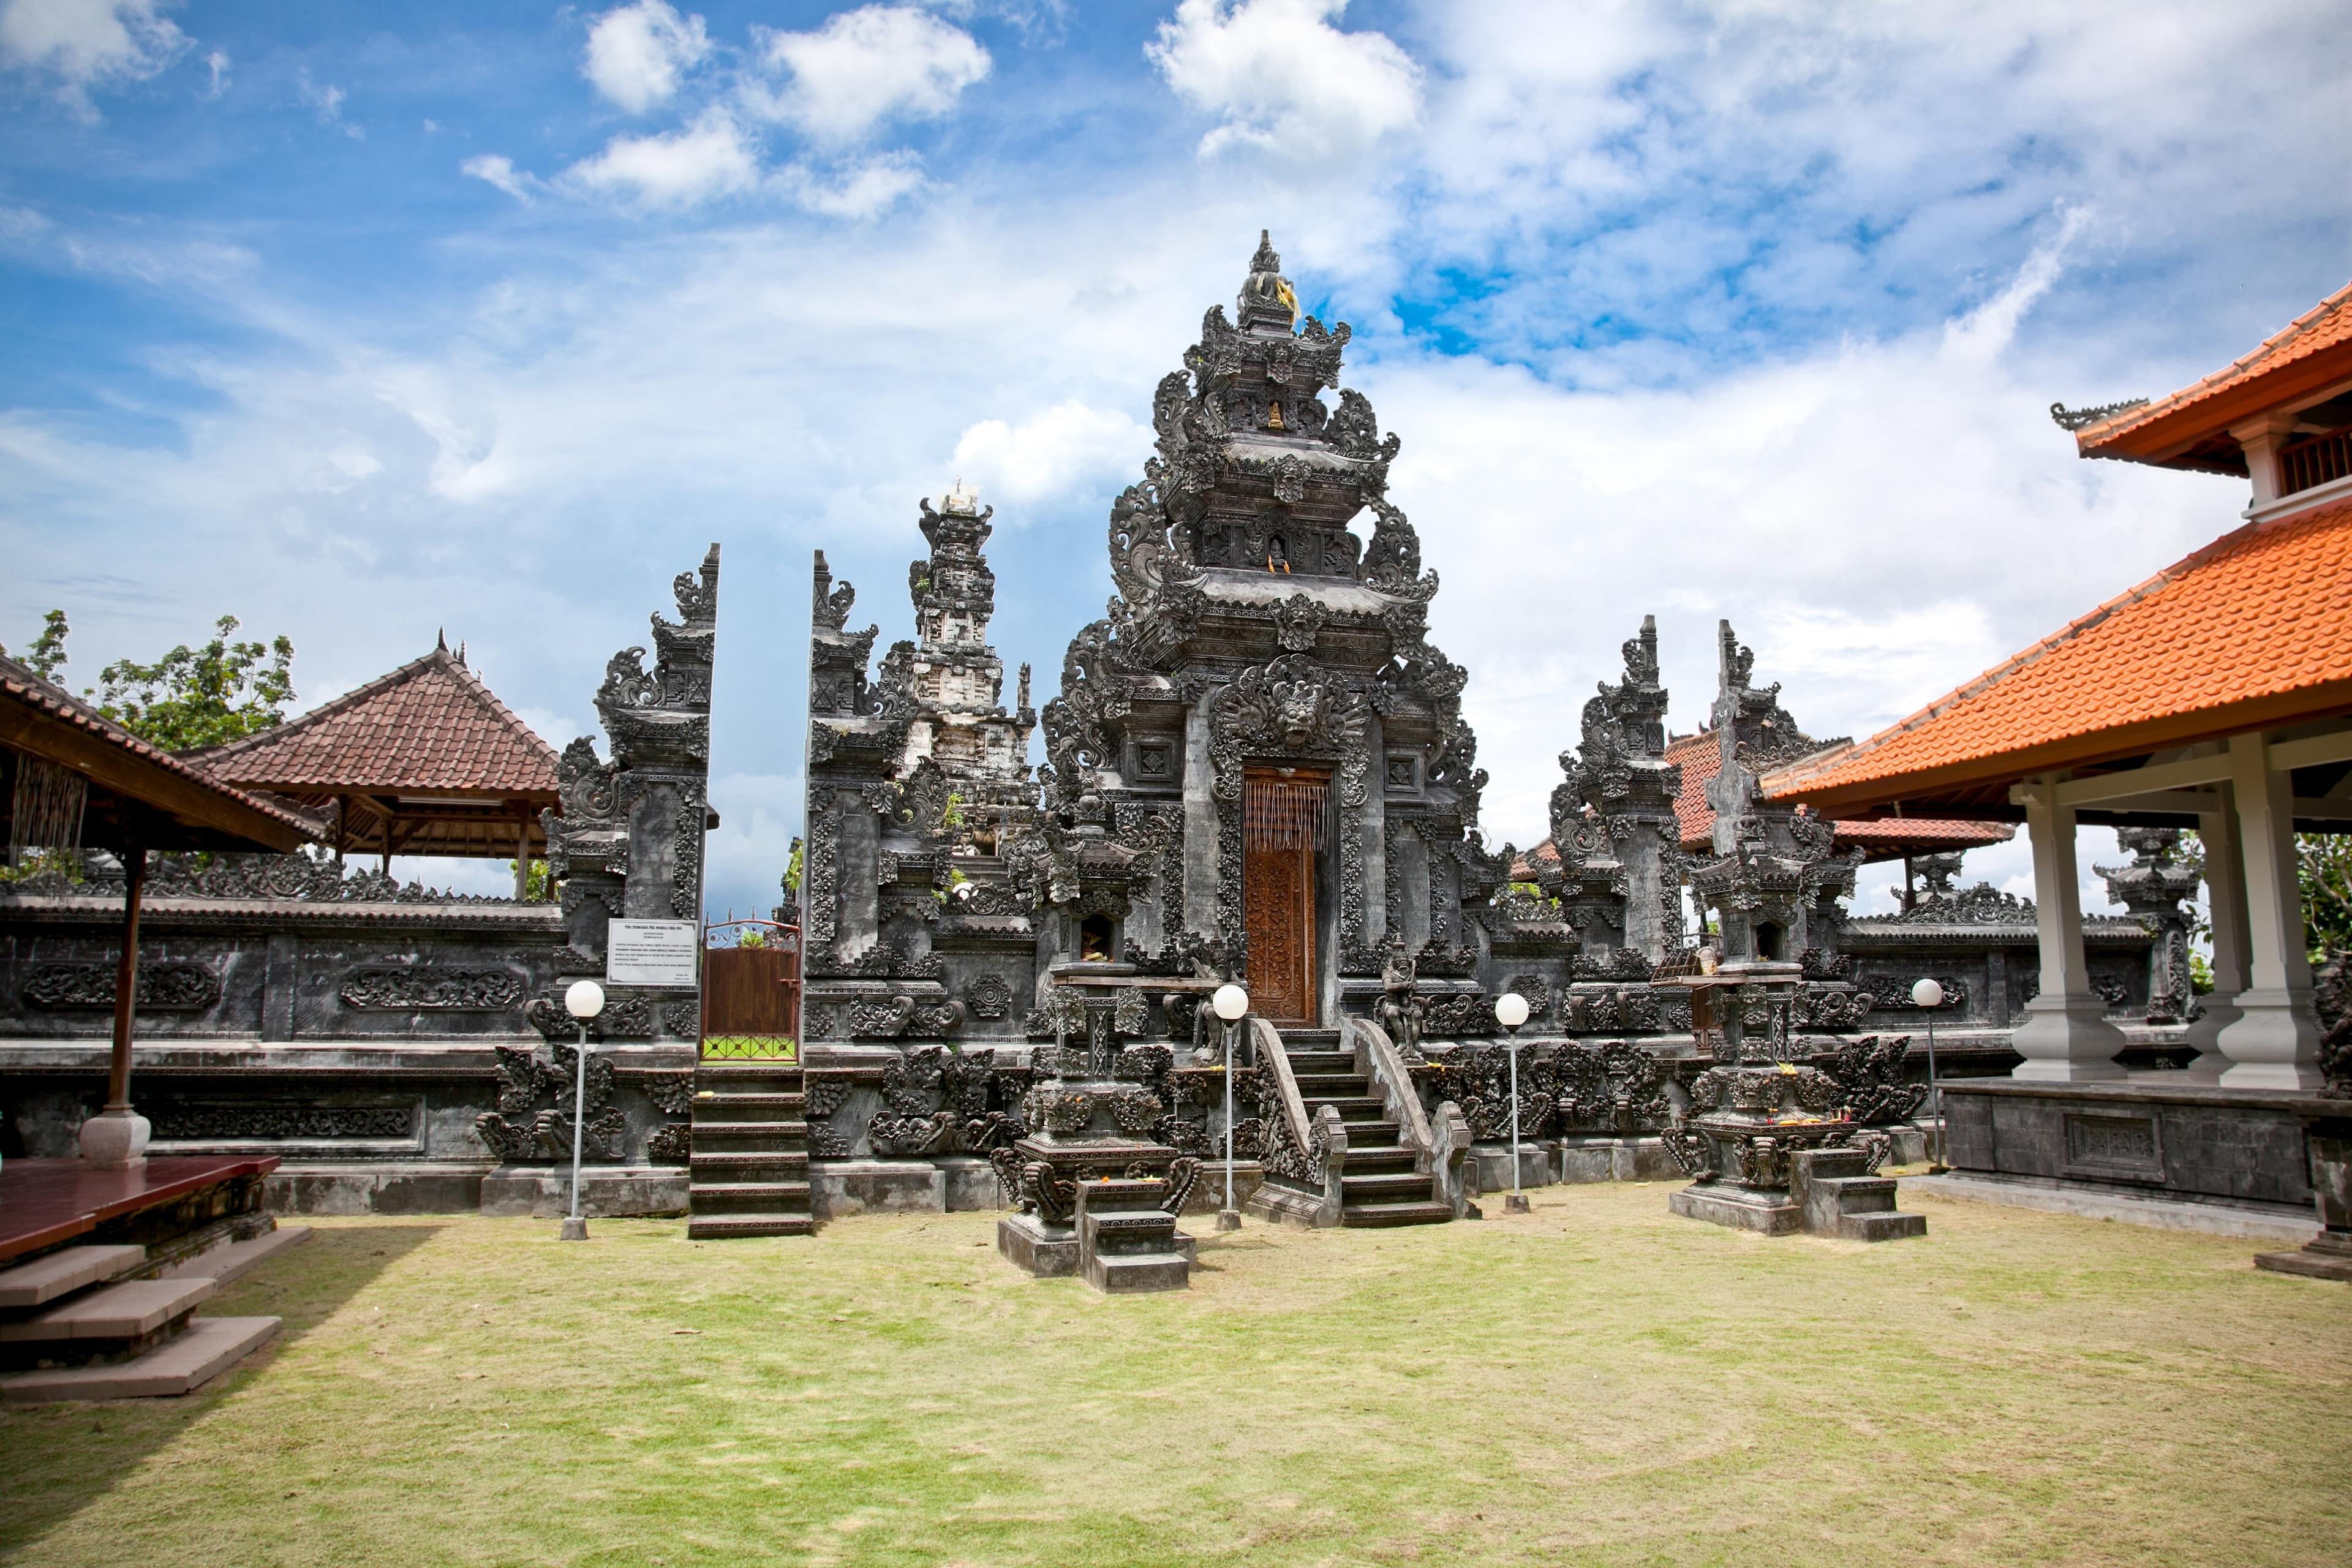 Kampial, Nusa Dua, Bali, Indonesia